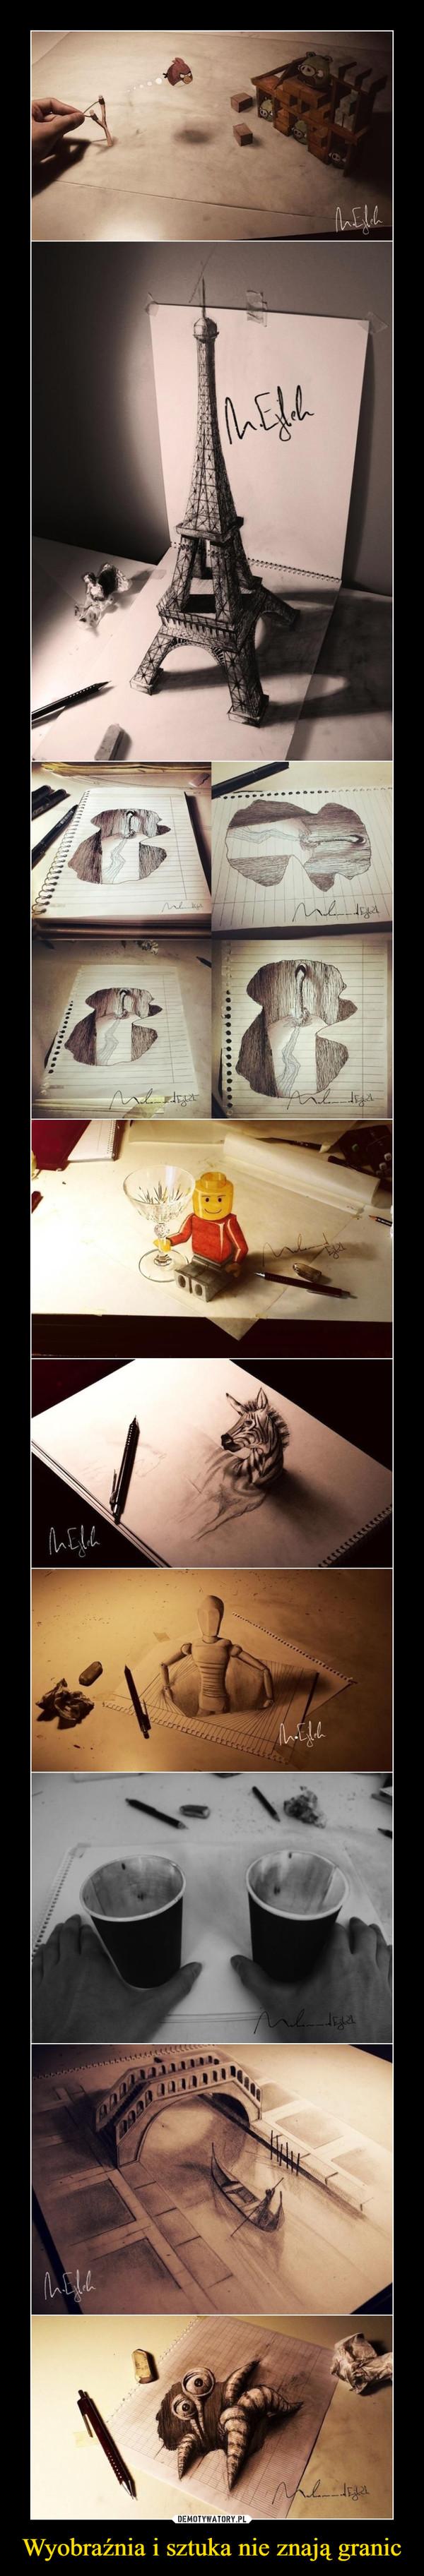 Wyobraźnia i sztuka nie znają granic –